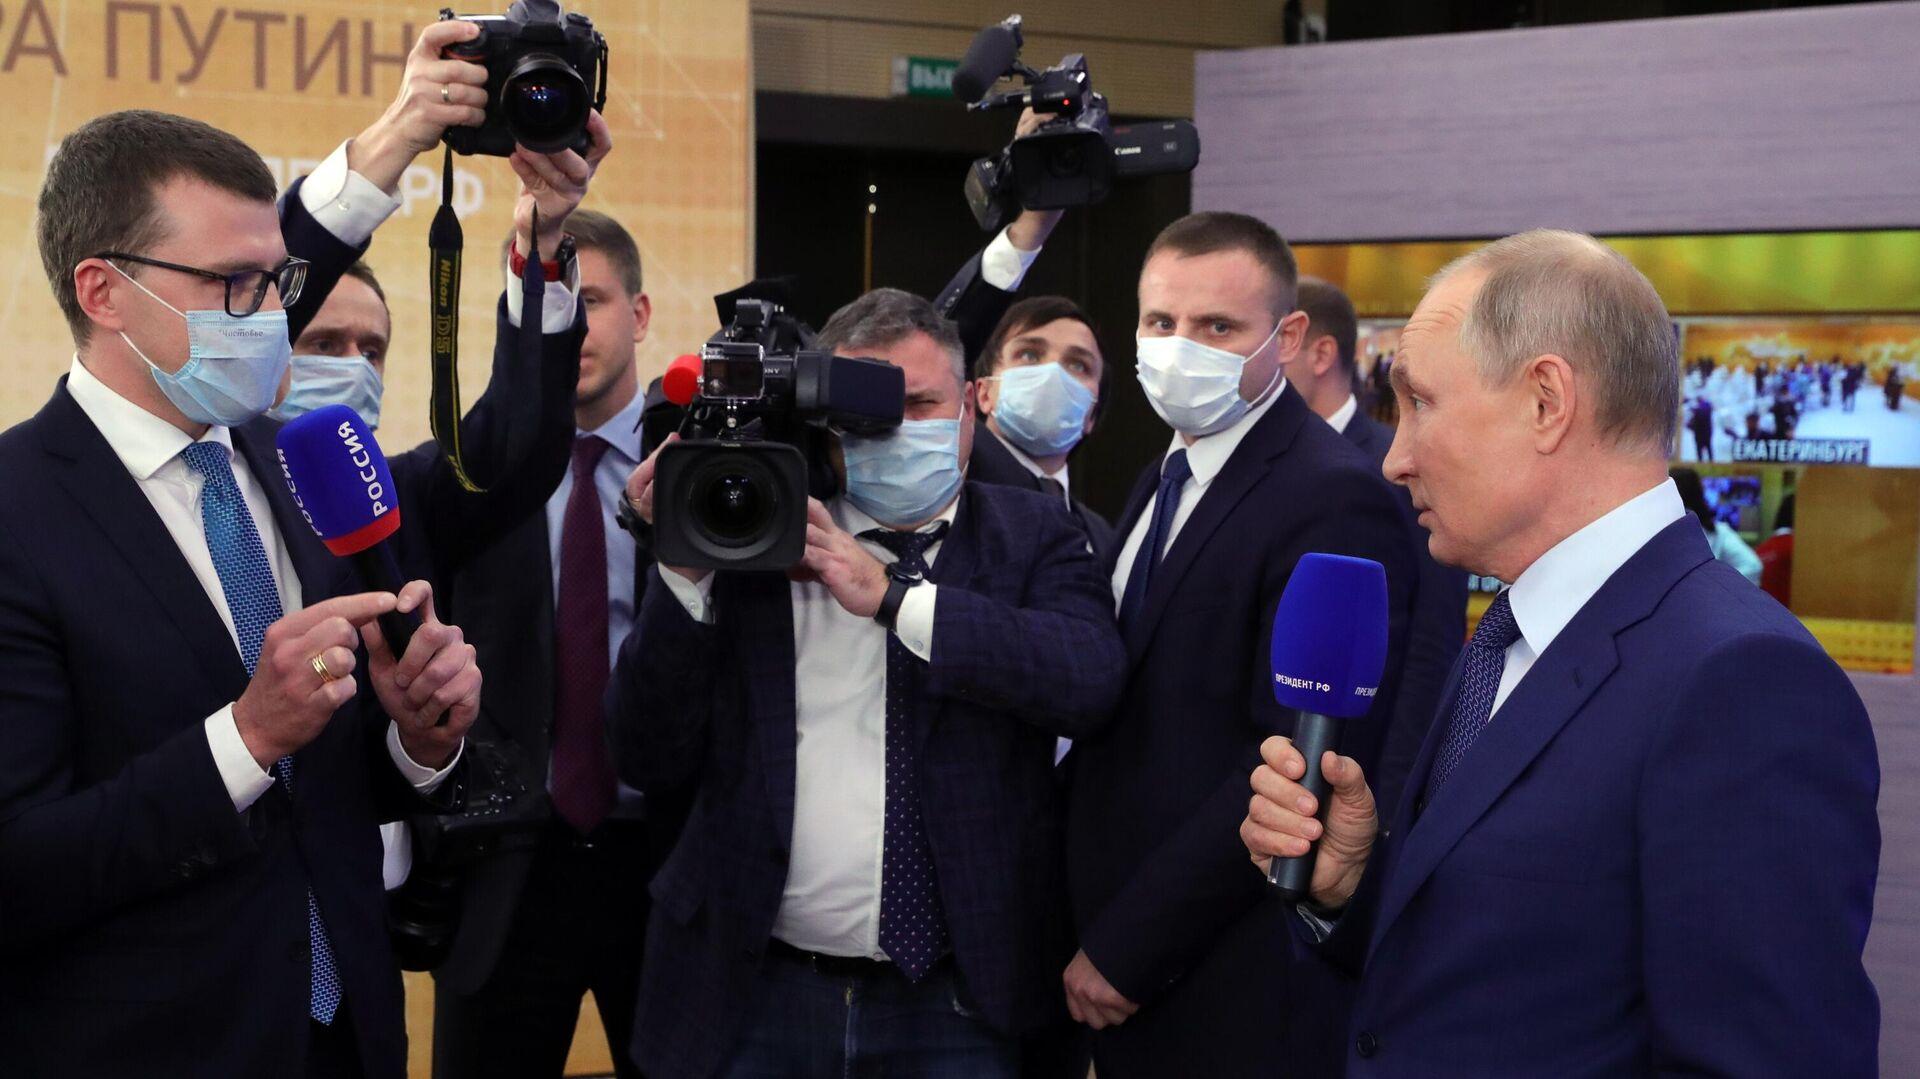 В Госдуме объяснили интерес СМИ к мнению Путина о ситуации в мире